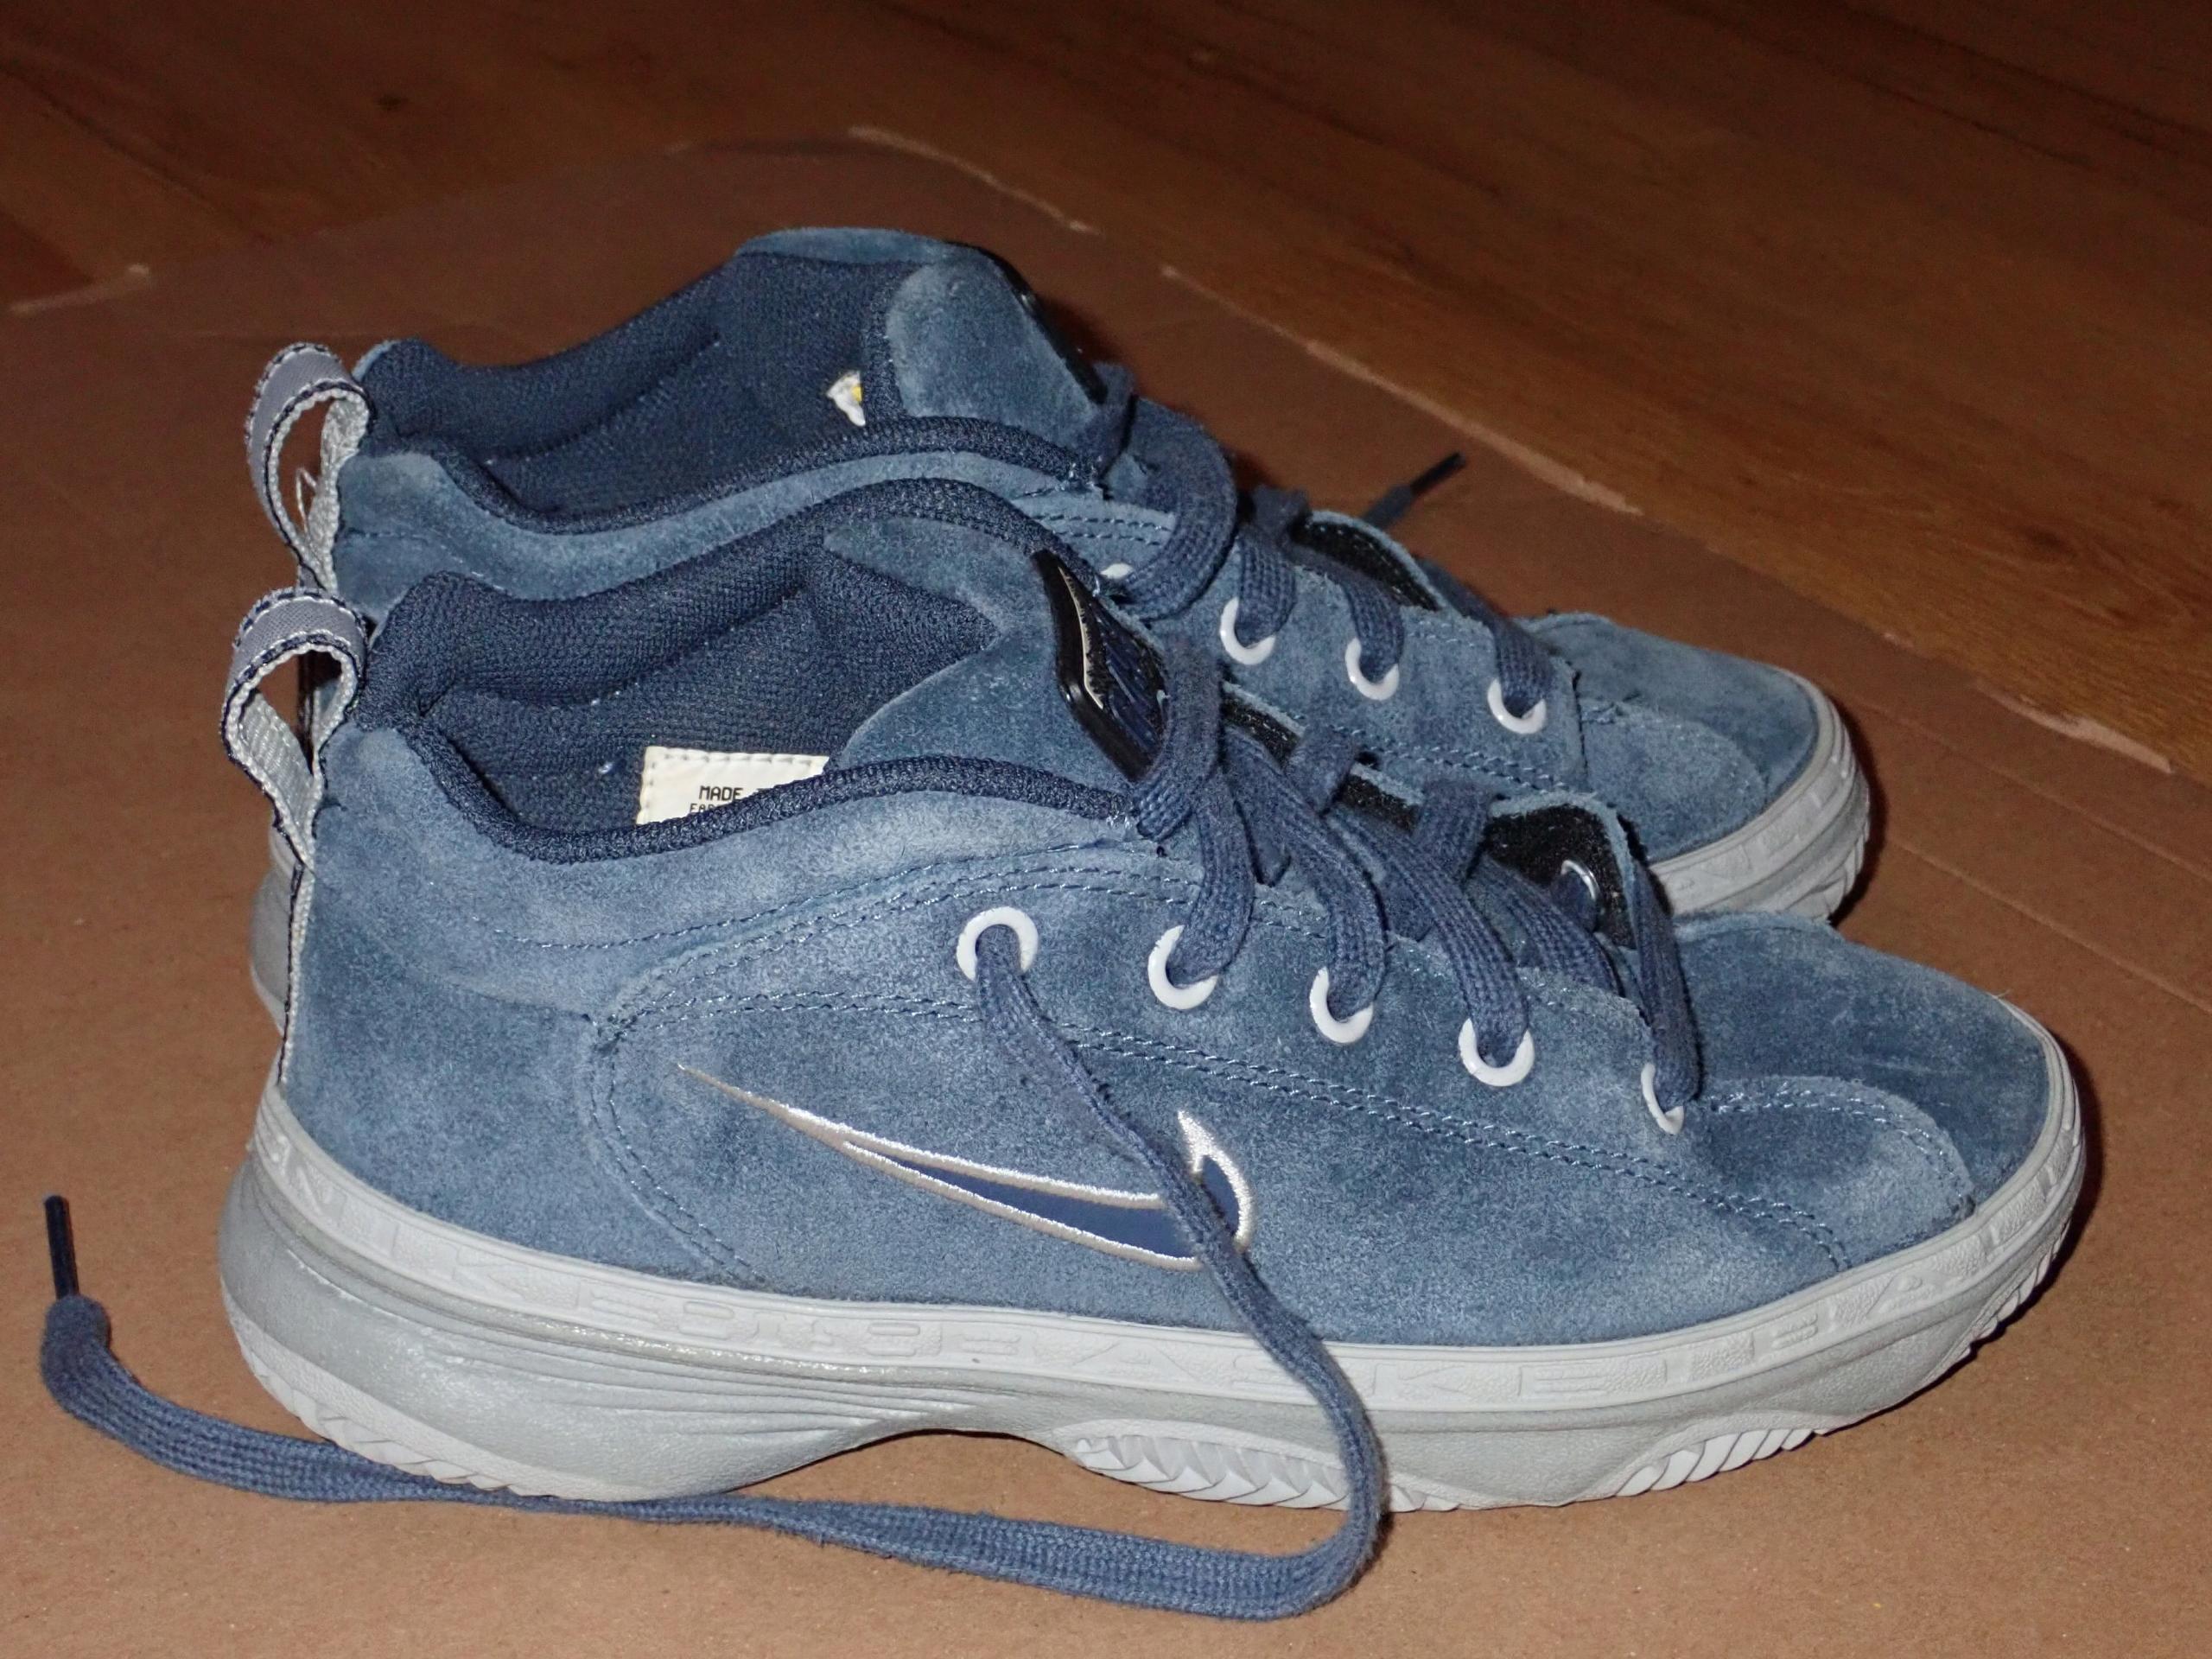 NIKE 6453 DURABLE FOOTWEAR buty, skóra nat 36